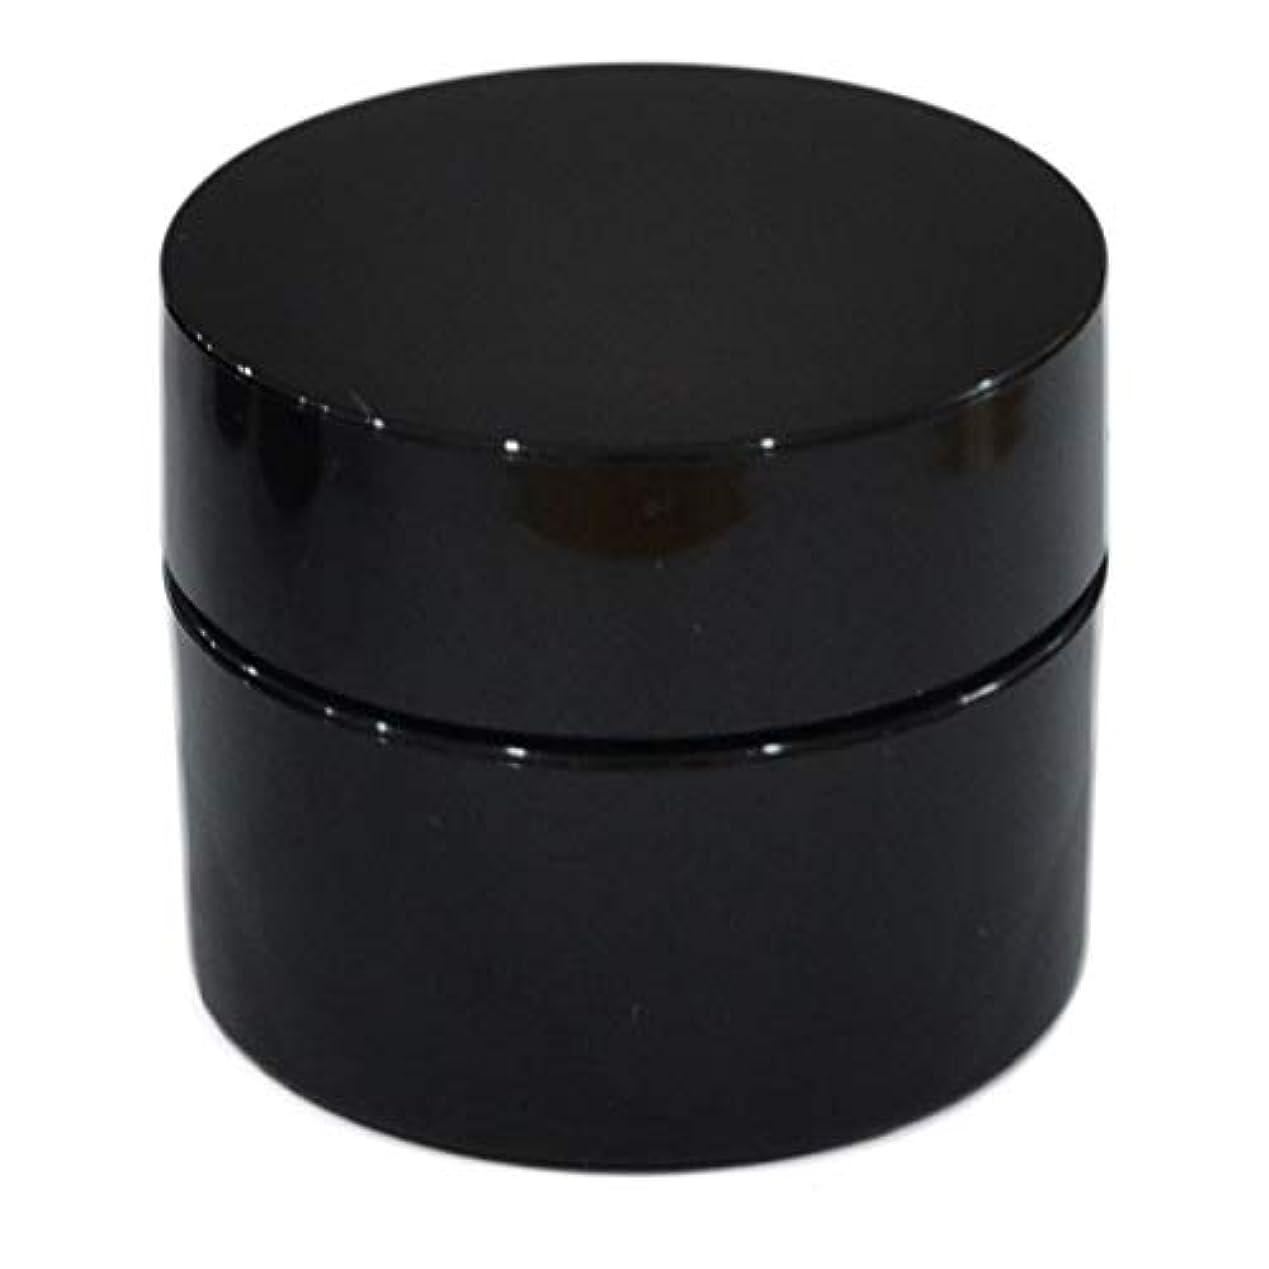 家禽詳細な移動する純国産ネイルジェル用コンテナ 10g用GA10g 漏れ防止パッキン&ブラシプレート付容器 ジェルを無駄なく使える底面傾斜あり 遮光 黒 ブラック